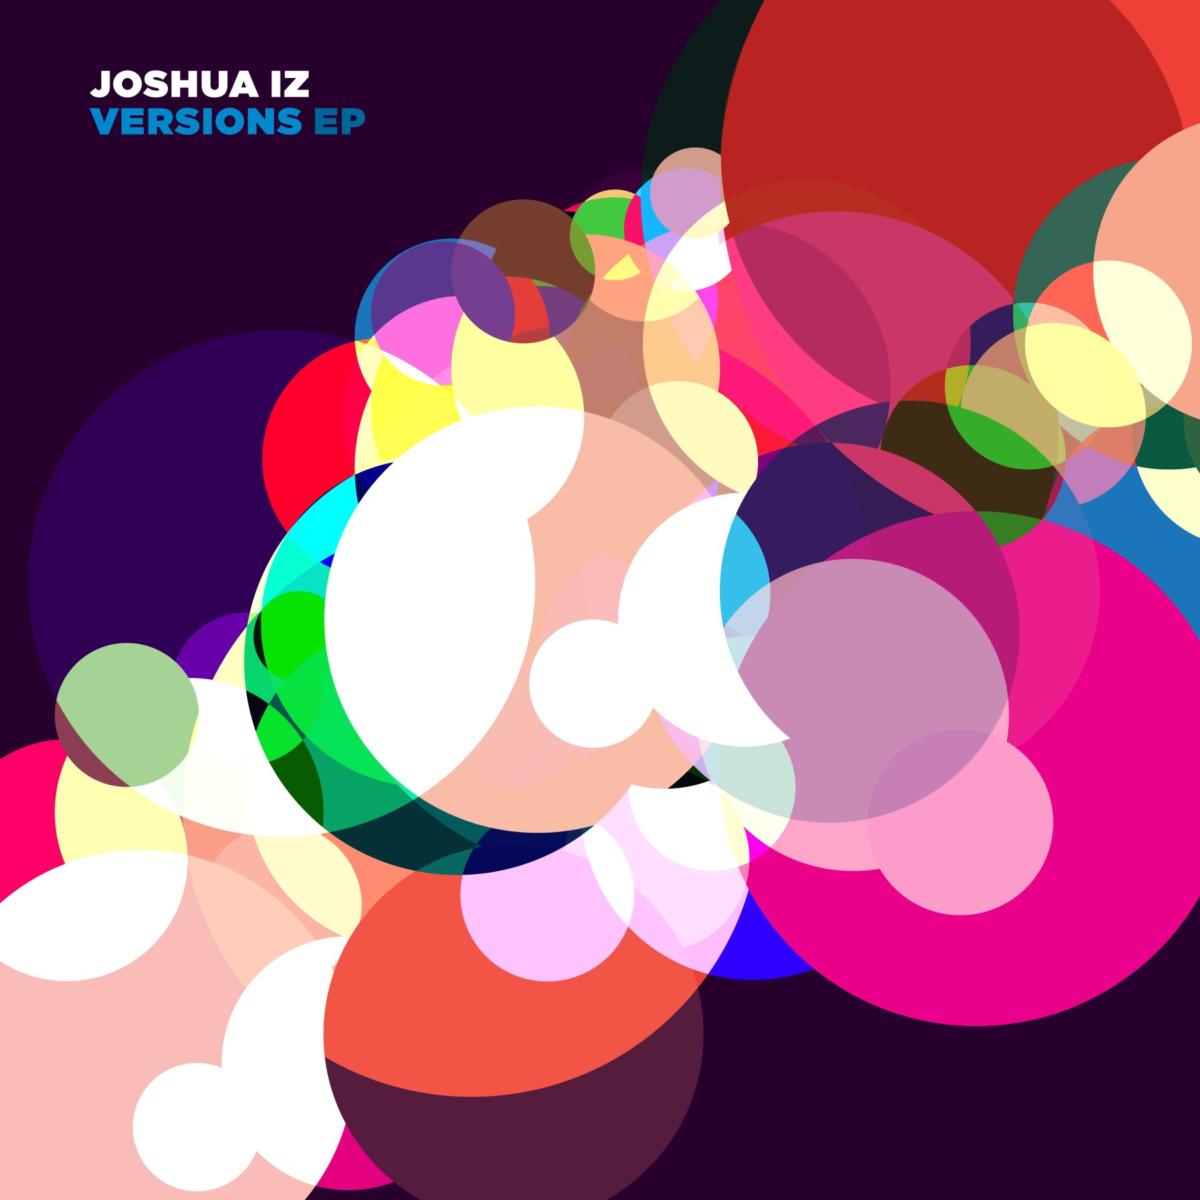 VIZ019 Joshua Iz - Versions EP